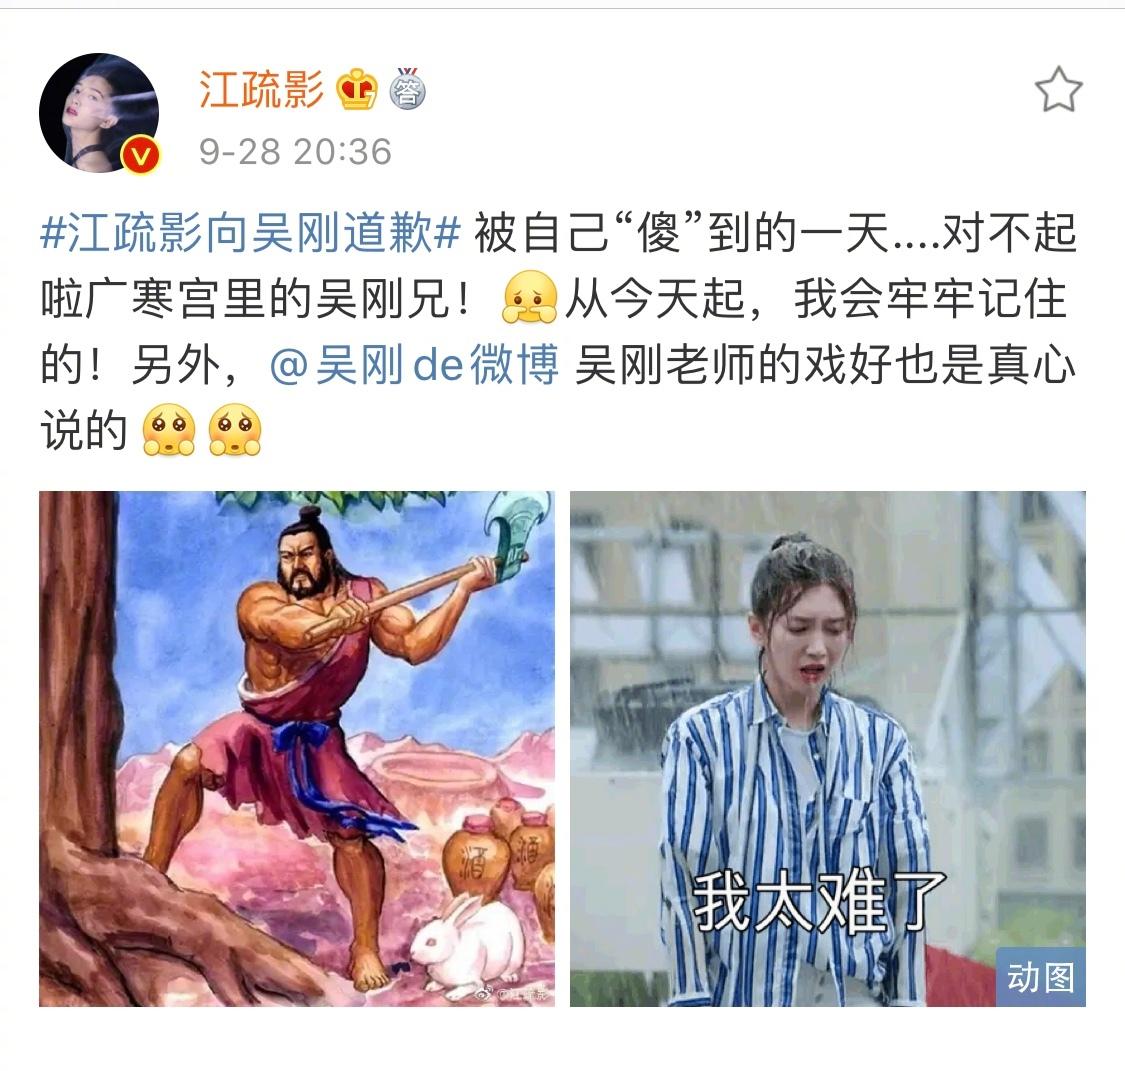 """@江疏影 微博发文,为把""""广寒宫吴刚""""听成演员吴刚道歉!记者"""